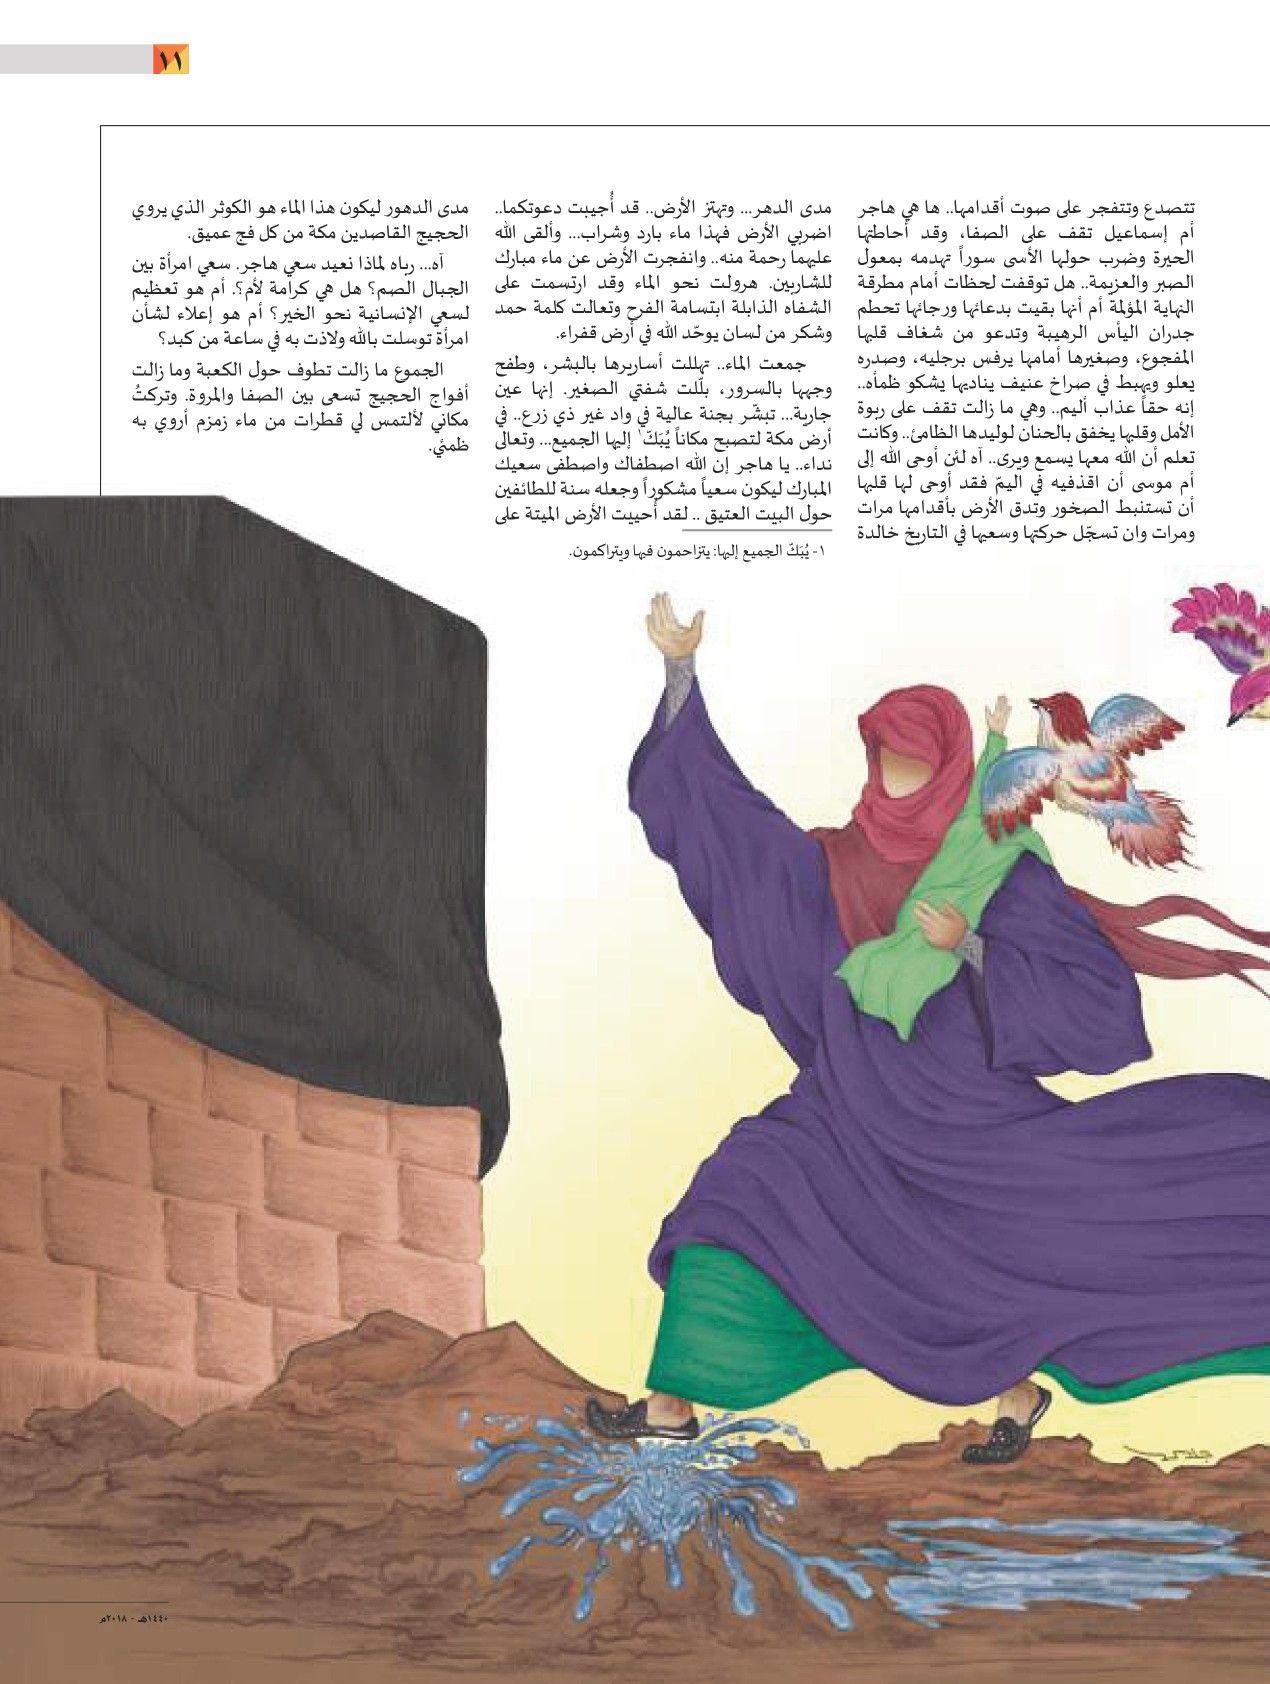 Pin By بسم الله الرحمن الرحيم On مجلة زهور الجوادين Movie Posters Poster Movies